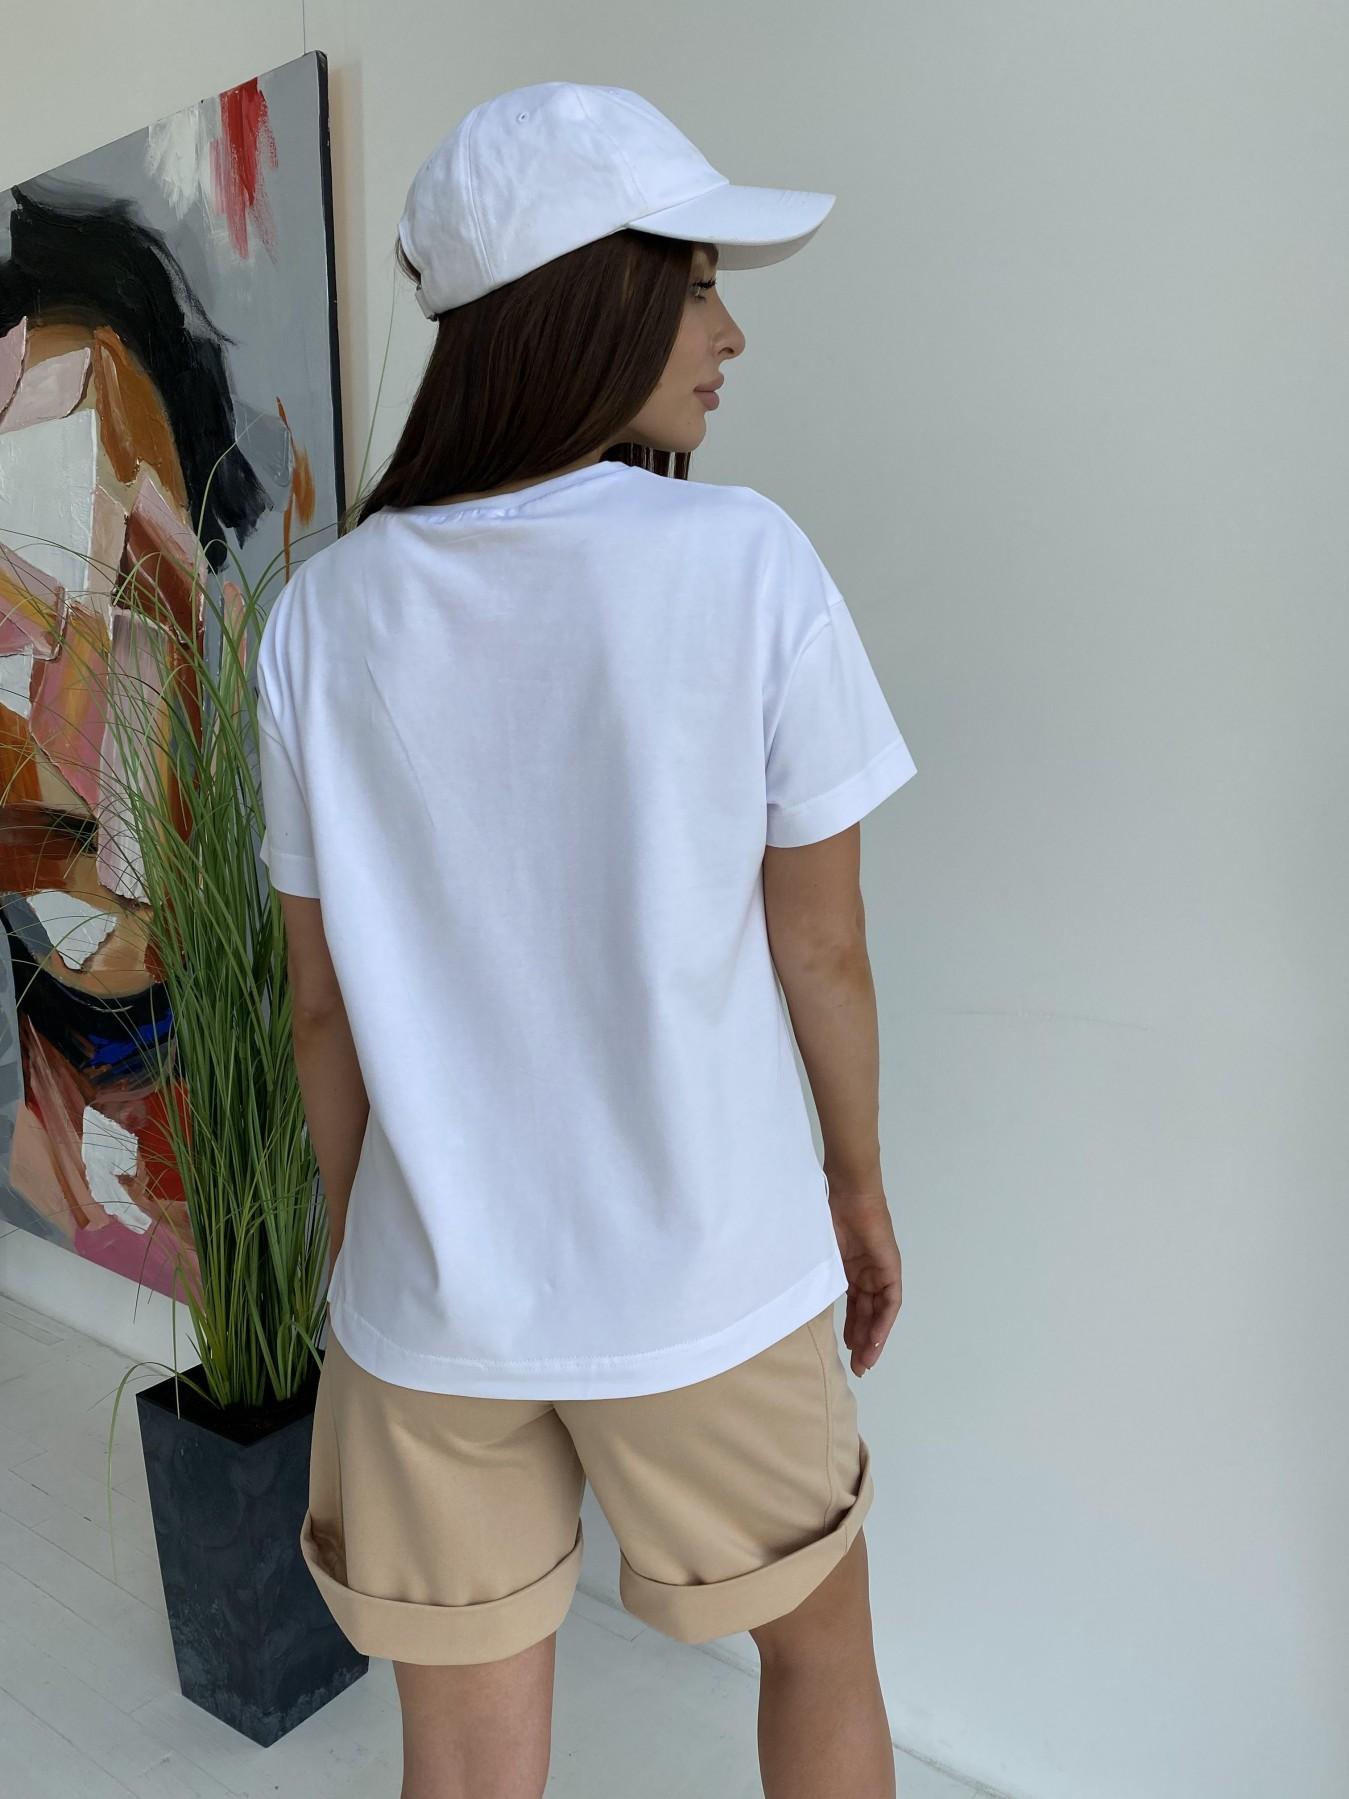 Фарт футболка из вискозы однотонная стрейч хлопок 11570 АРТ. 48285 Цвет: Белый - фото 6, интернет магазин tm-modus.ru